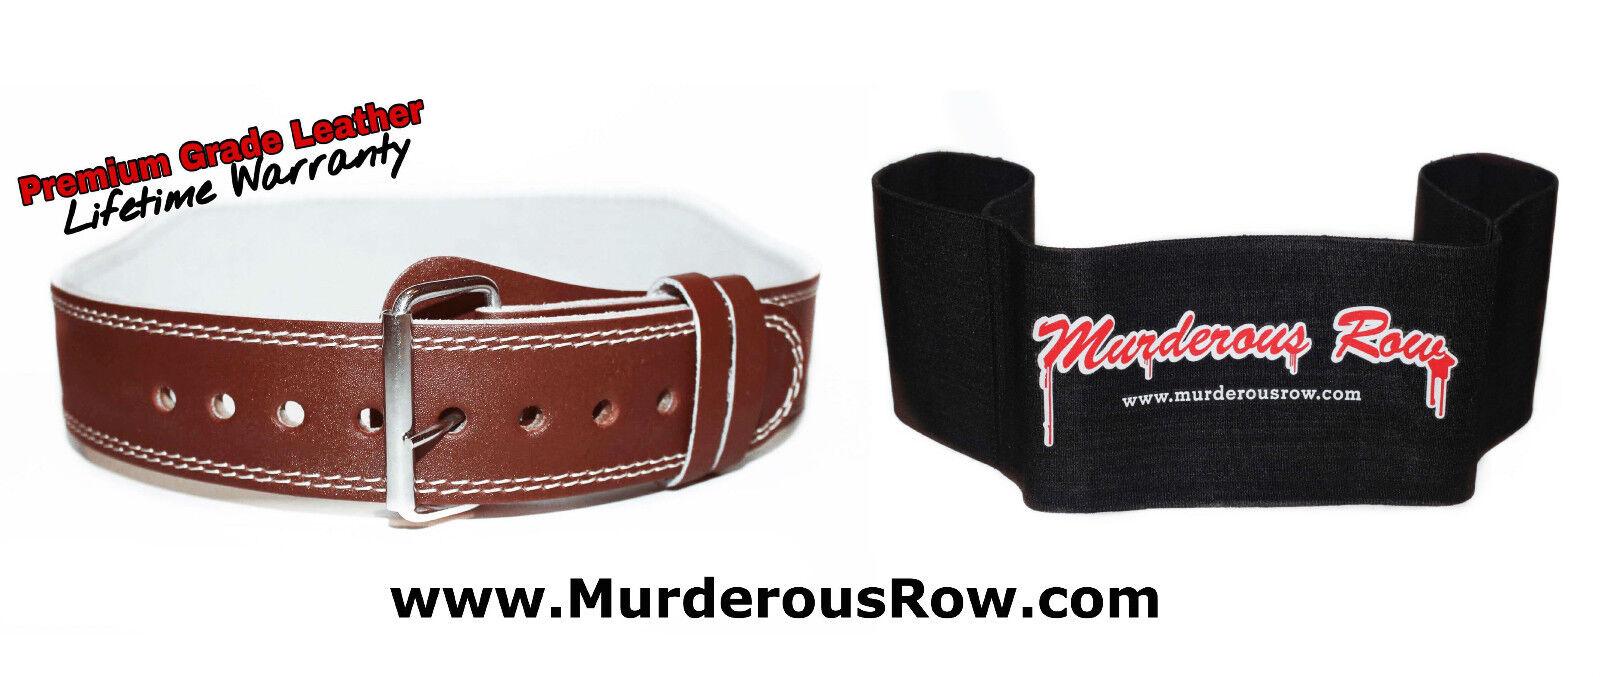 Murderous Row Bench Press Belt (Medium)+ Murderous Row Sling Shot (XL) -ULTIMATE